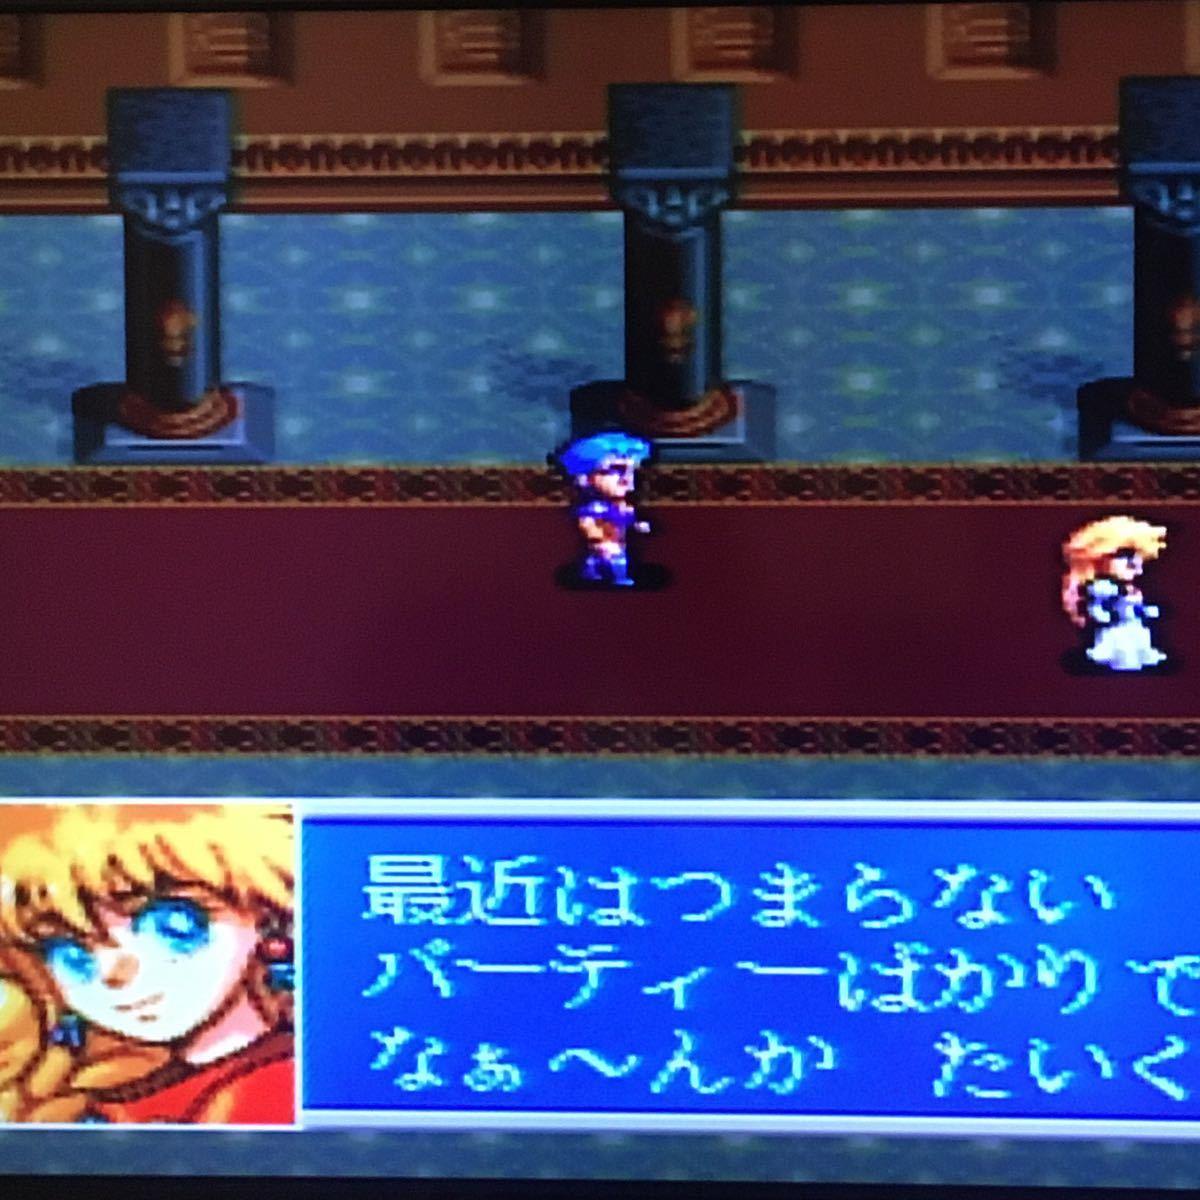 スーパーファミコン 任天堂 ニンテンドー プリンセス・ミネルバ ソフト カセット ゲーム